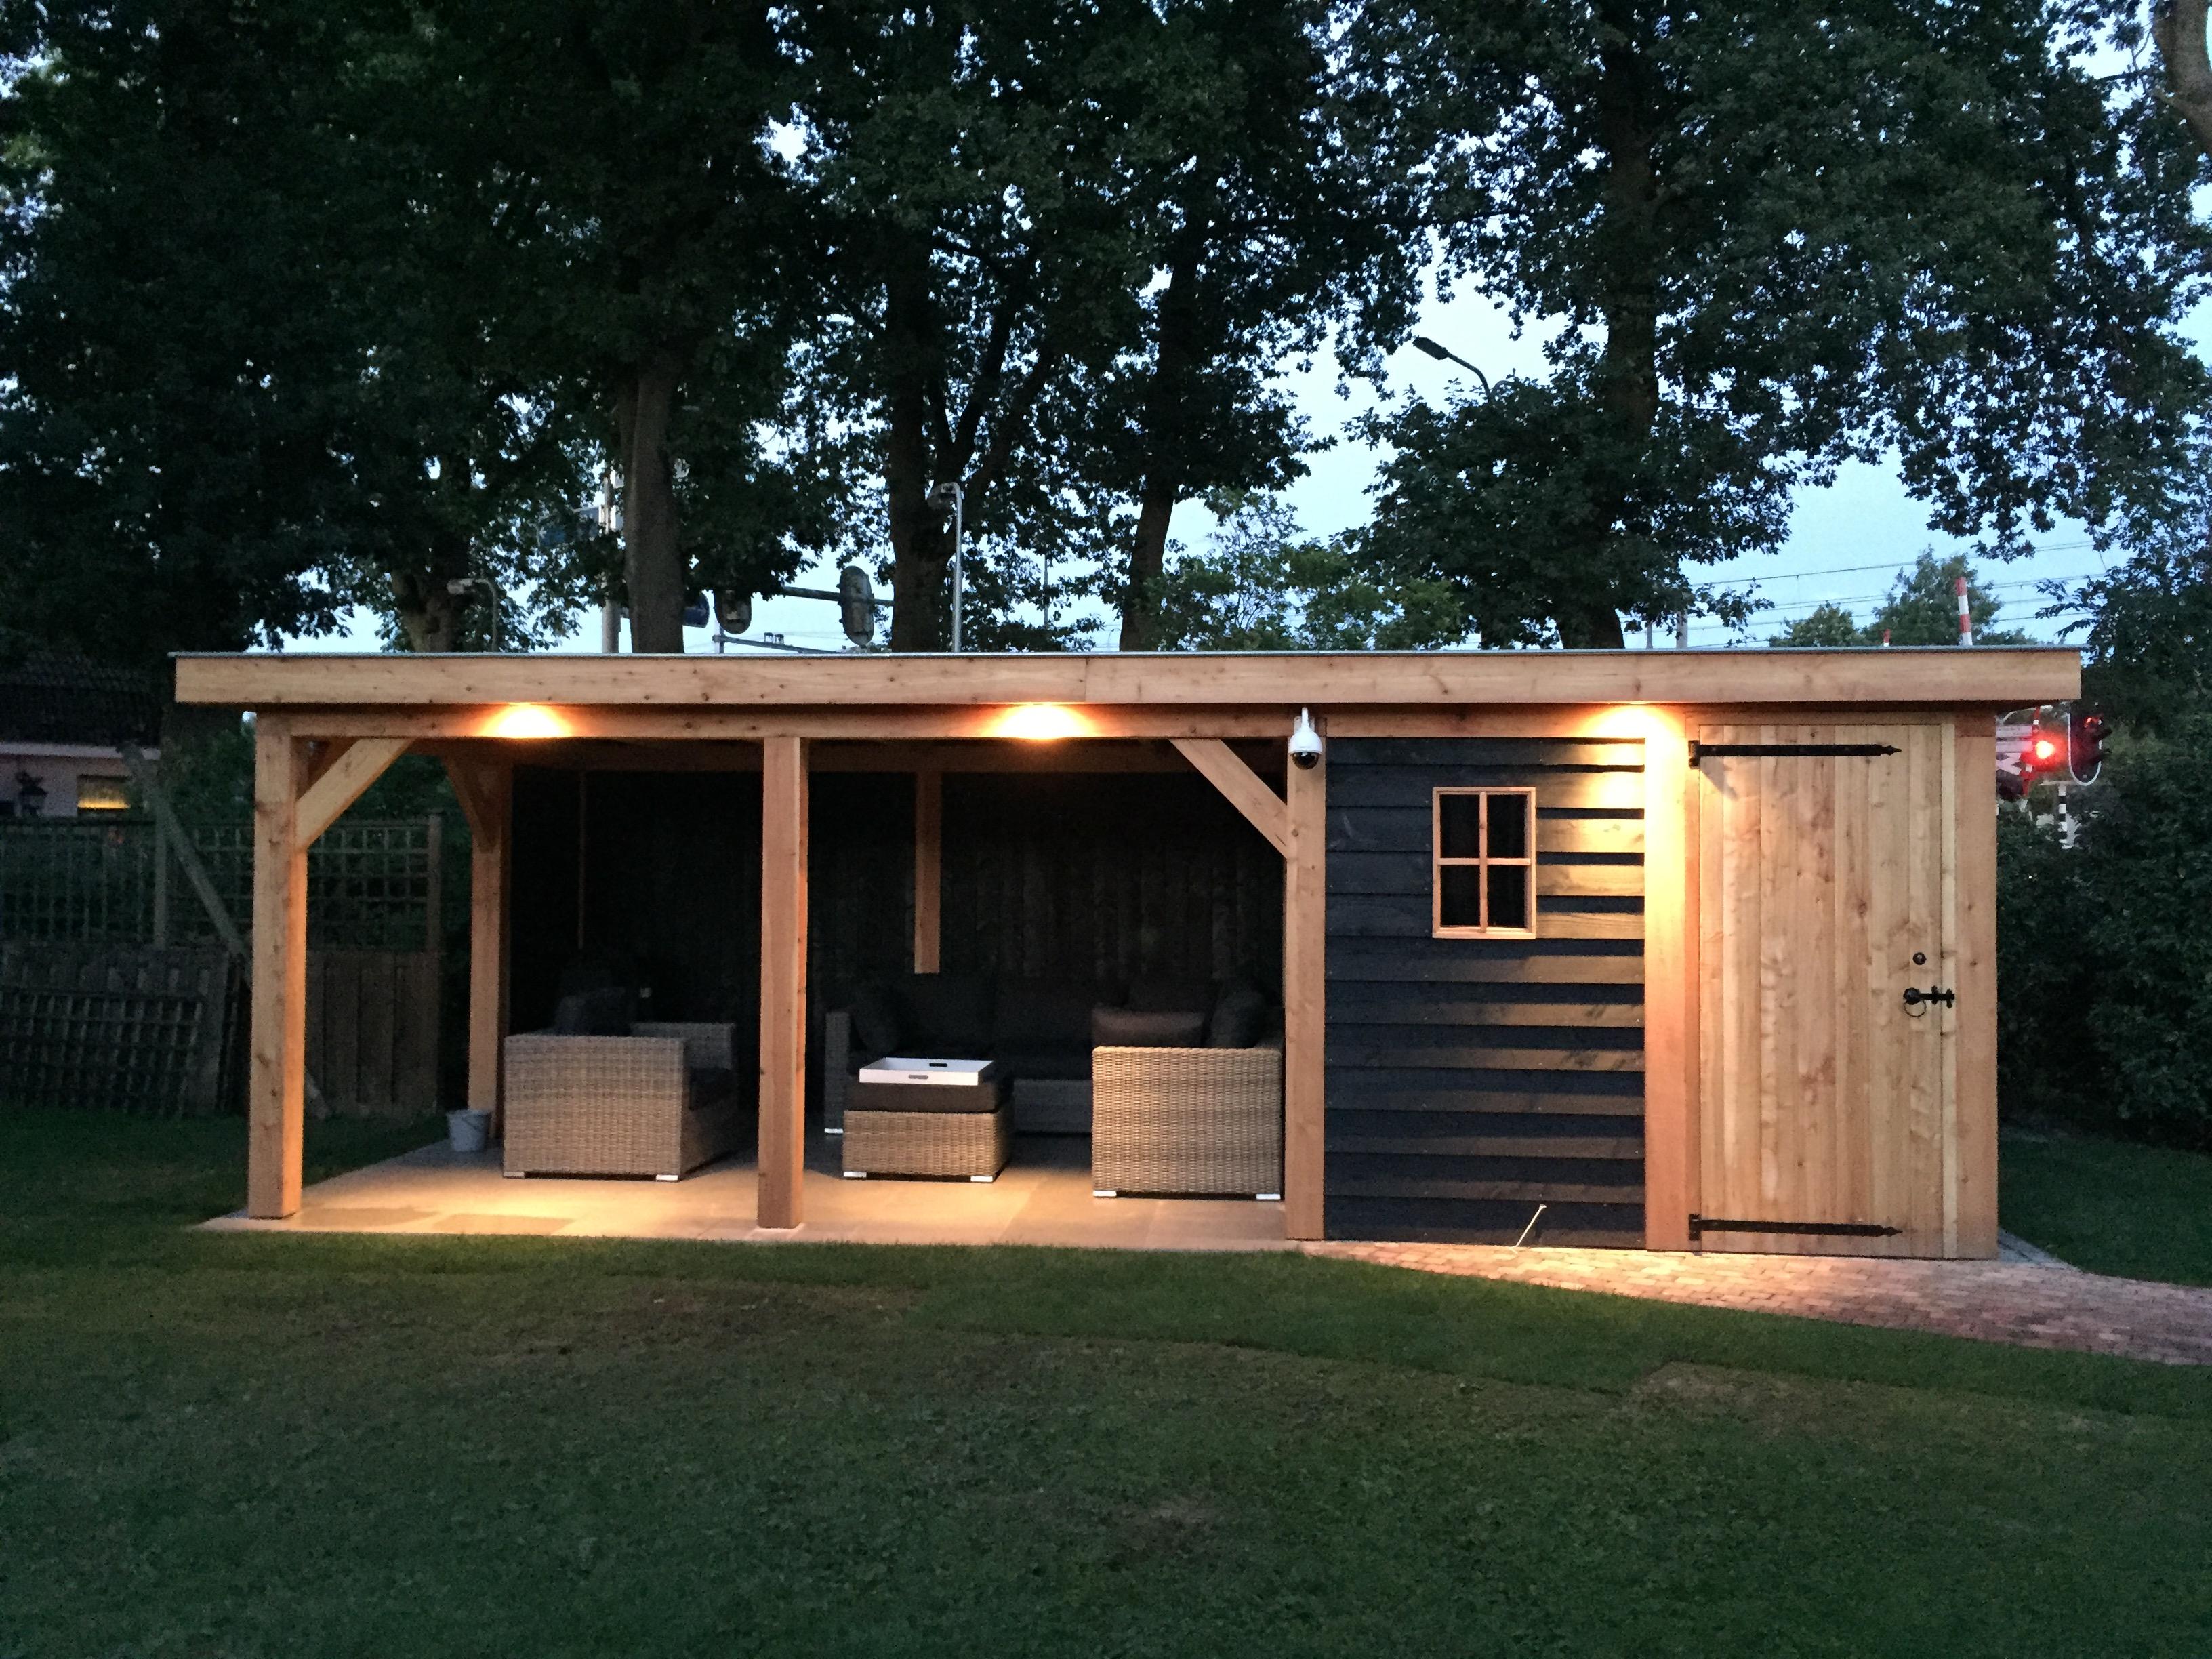 veranda_platdak_(4) - Sfeervol genieten van de zomer onder een stijlvolle houten overkapping.